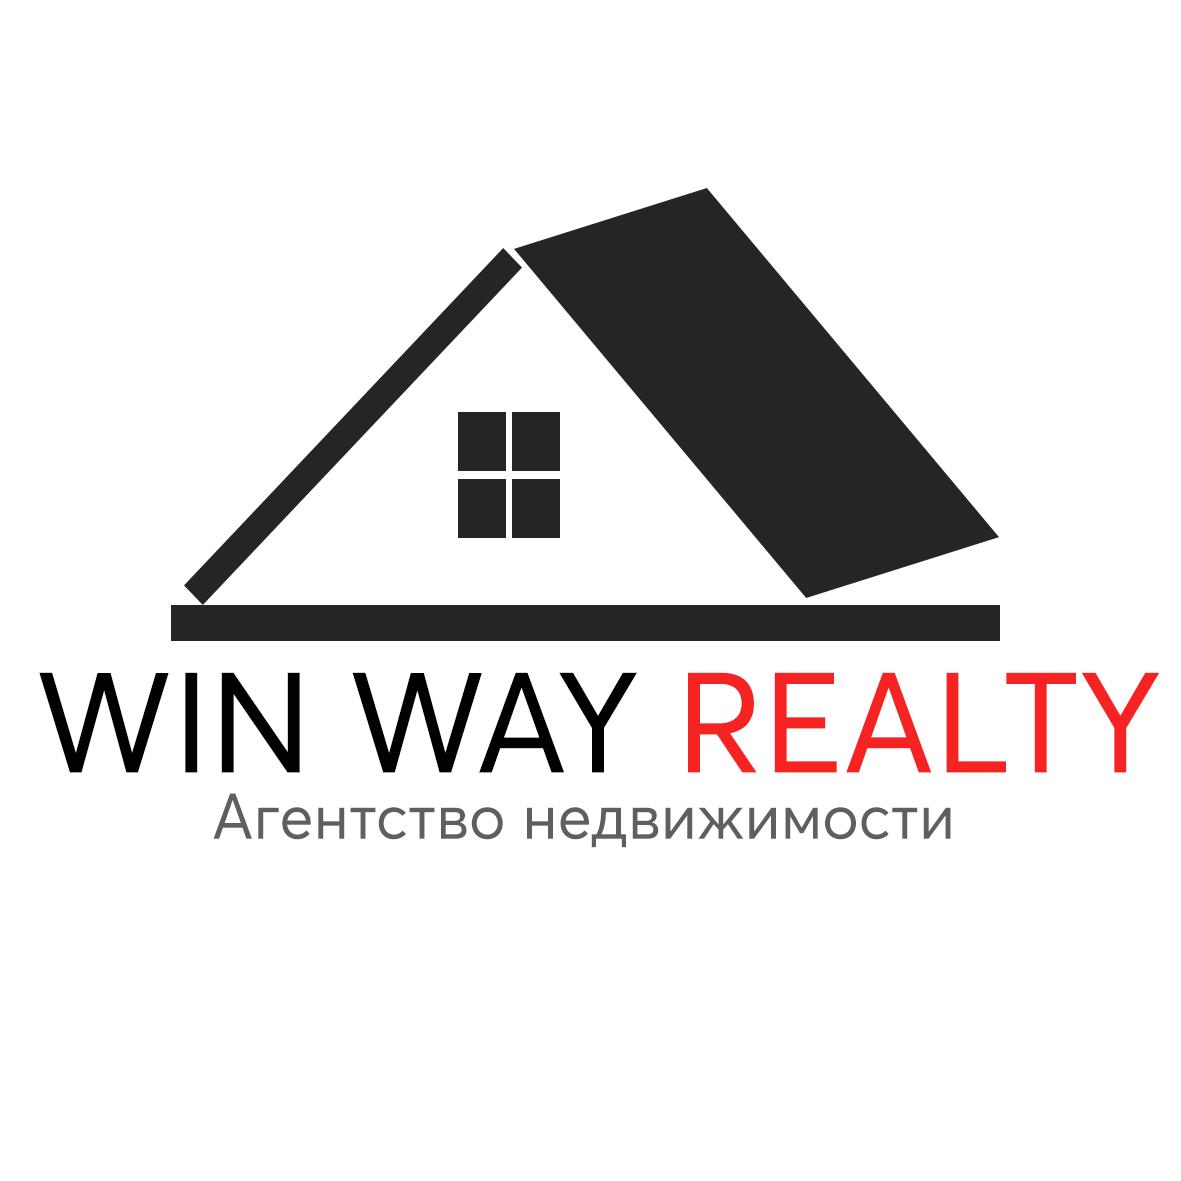 Логотип для агентства недвижимости фото f_4755aacf430e03d0.png